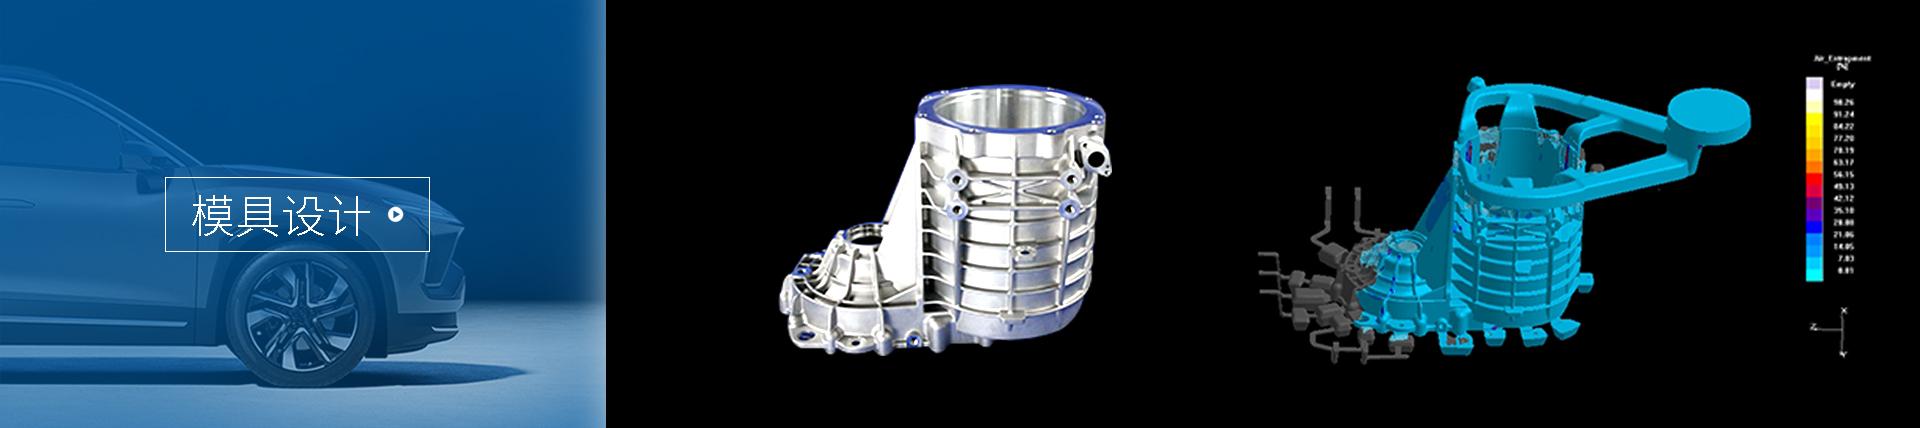 铝合金压铸模具设计